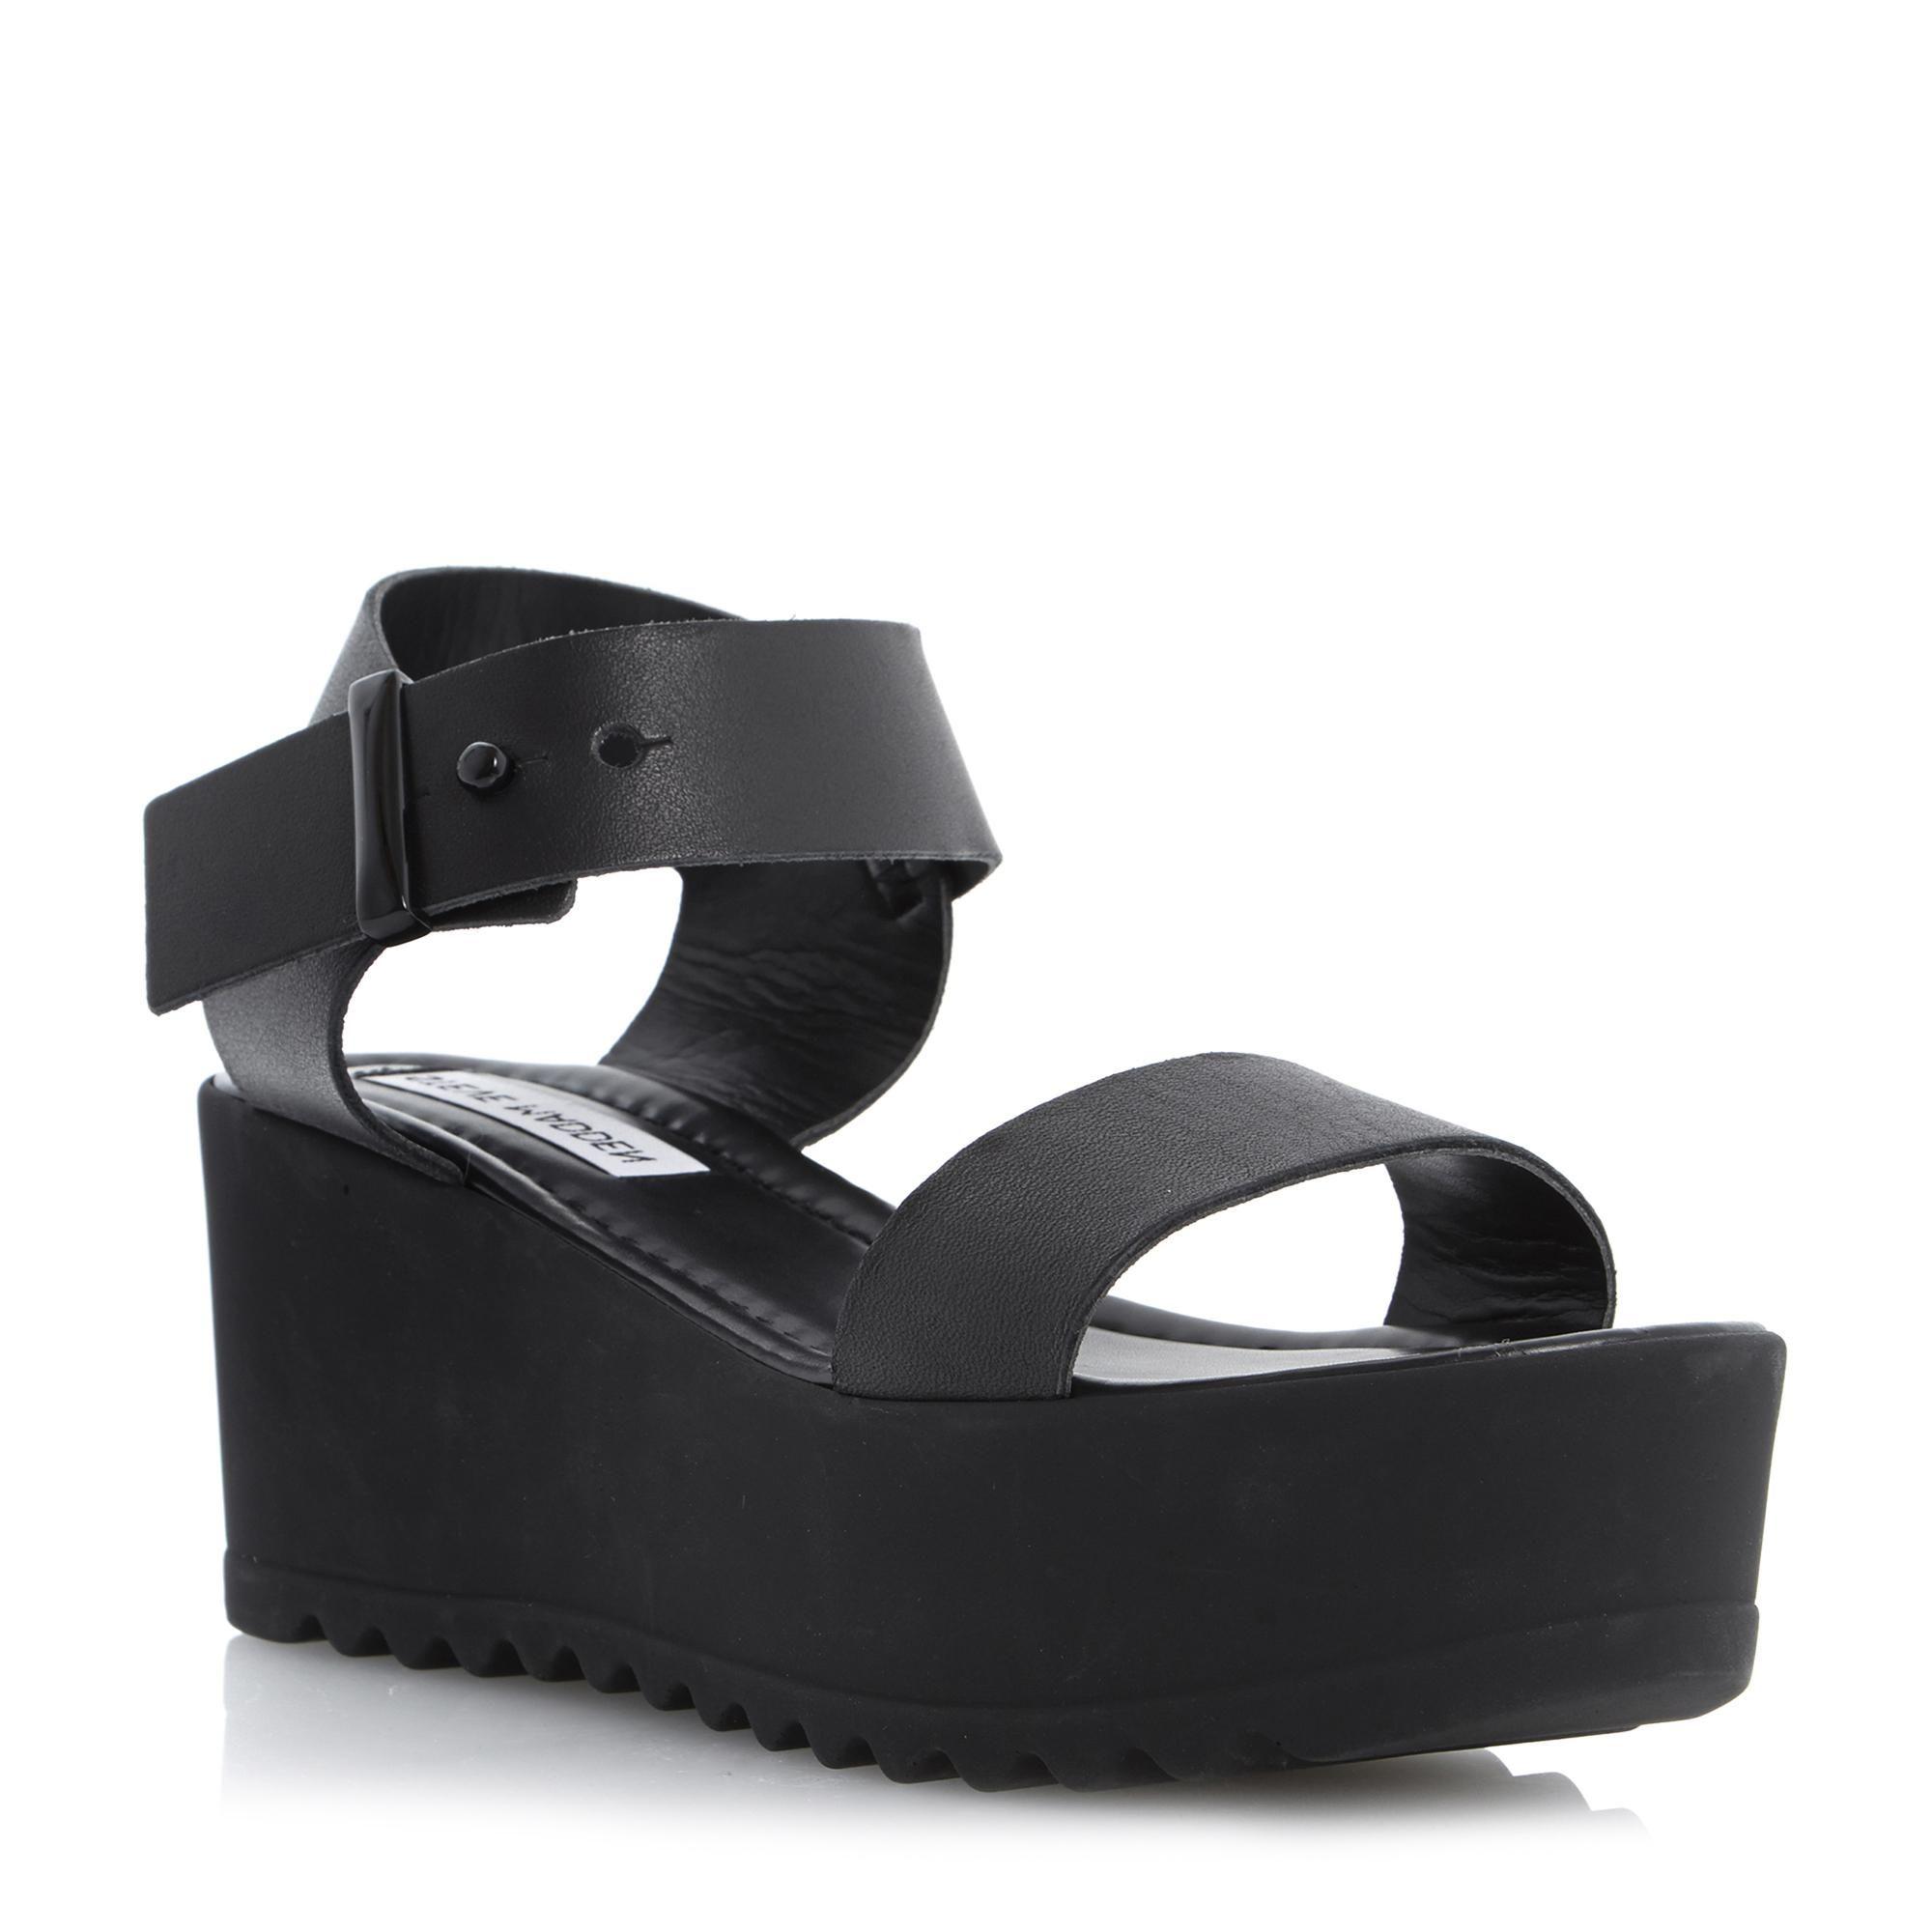 d8454929f14 STEVE MADDEN SURFSIDE - Leather Flatform Wedge Sandal - black